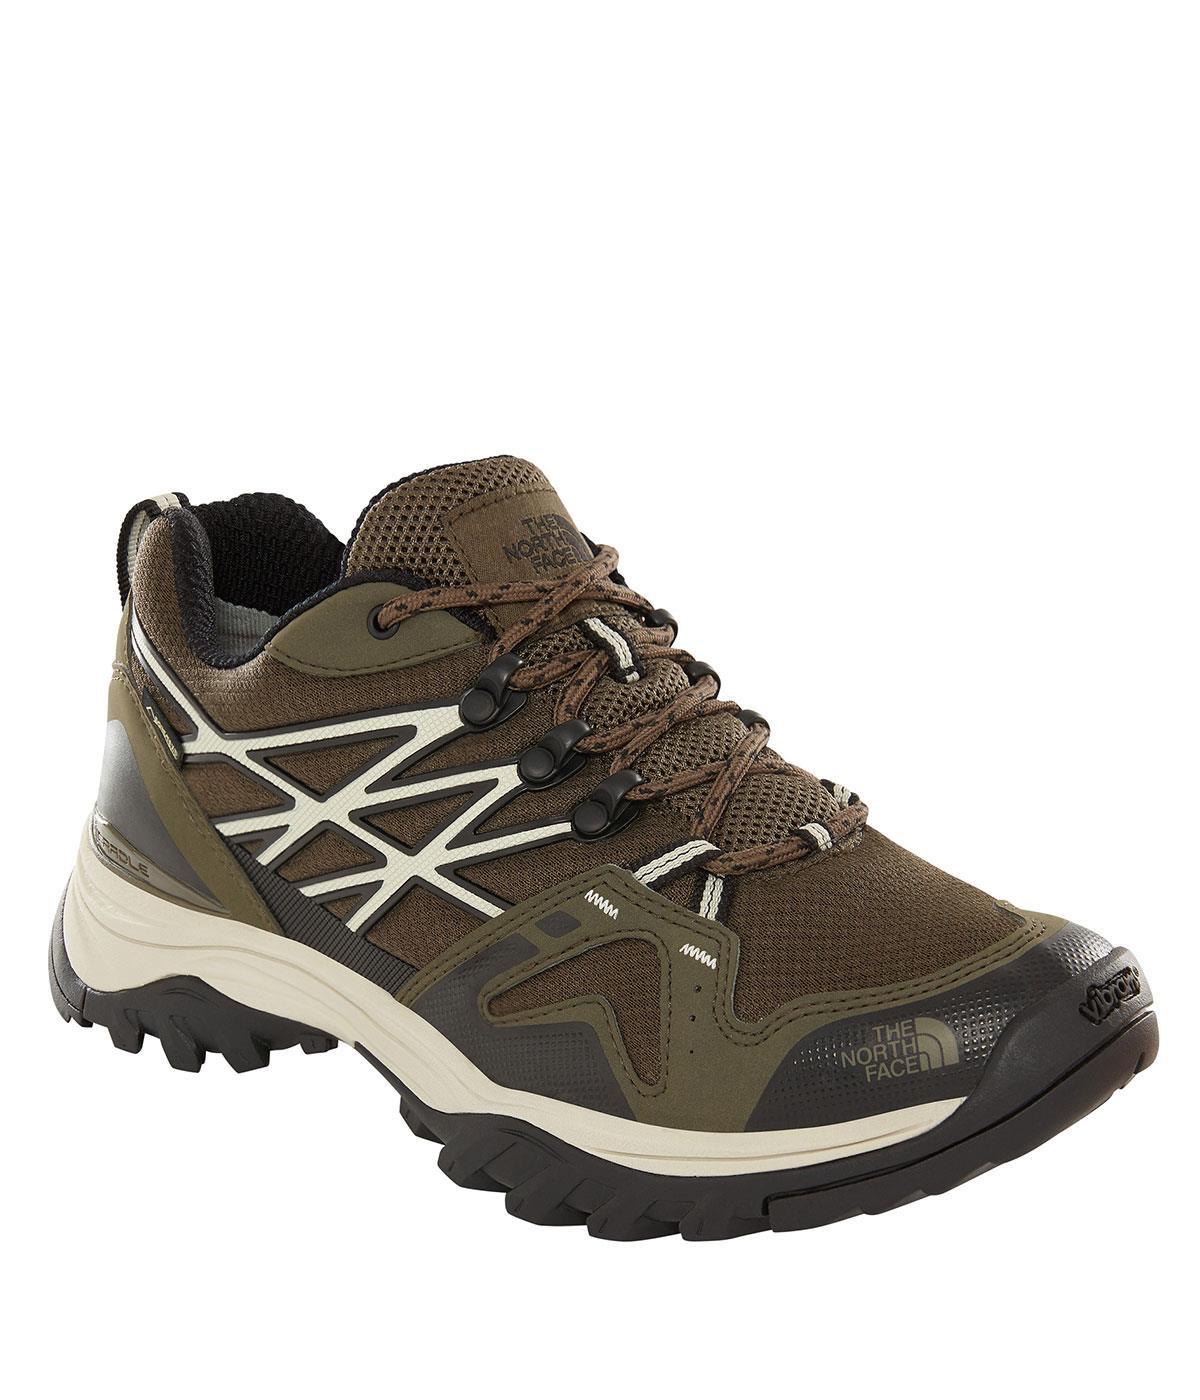 The Northface Hedgehog Fastpack Goretex  (Eu) ayakkabı  Nf00Cxt3Bqw1